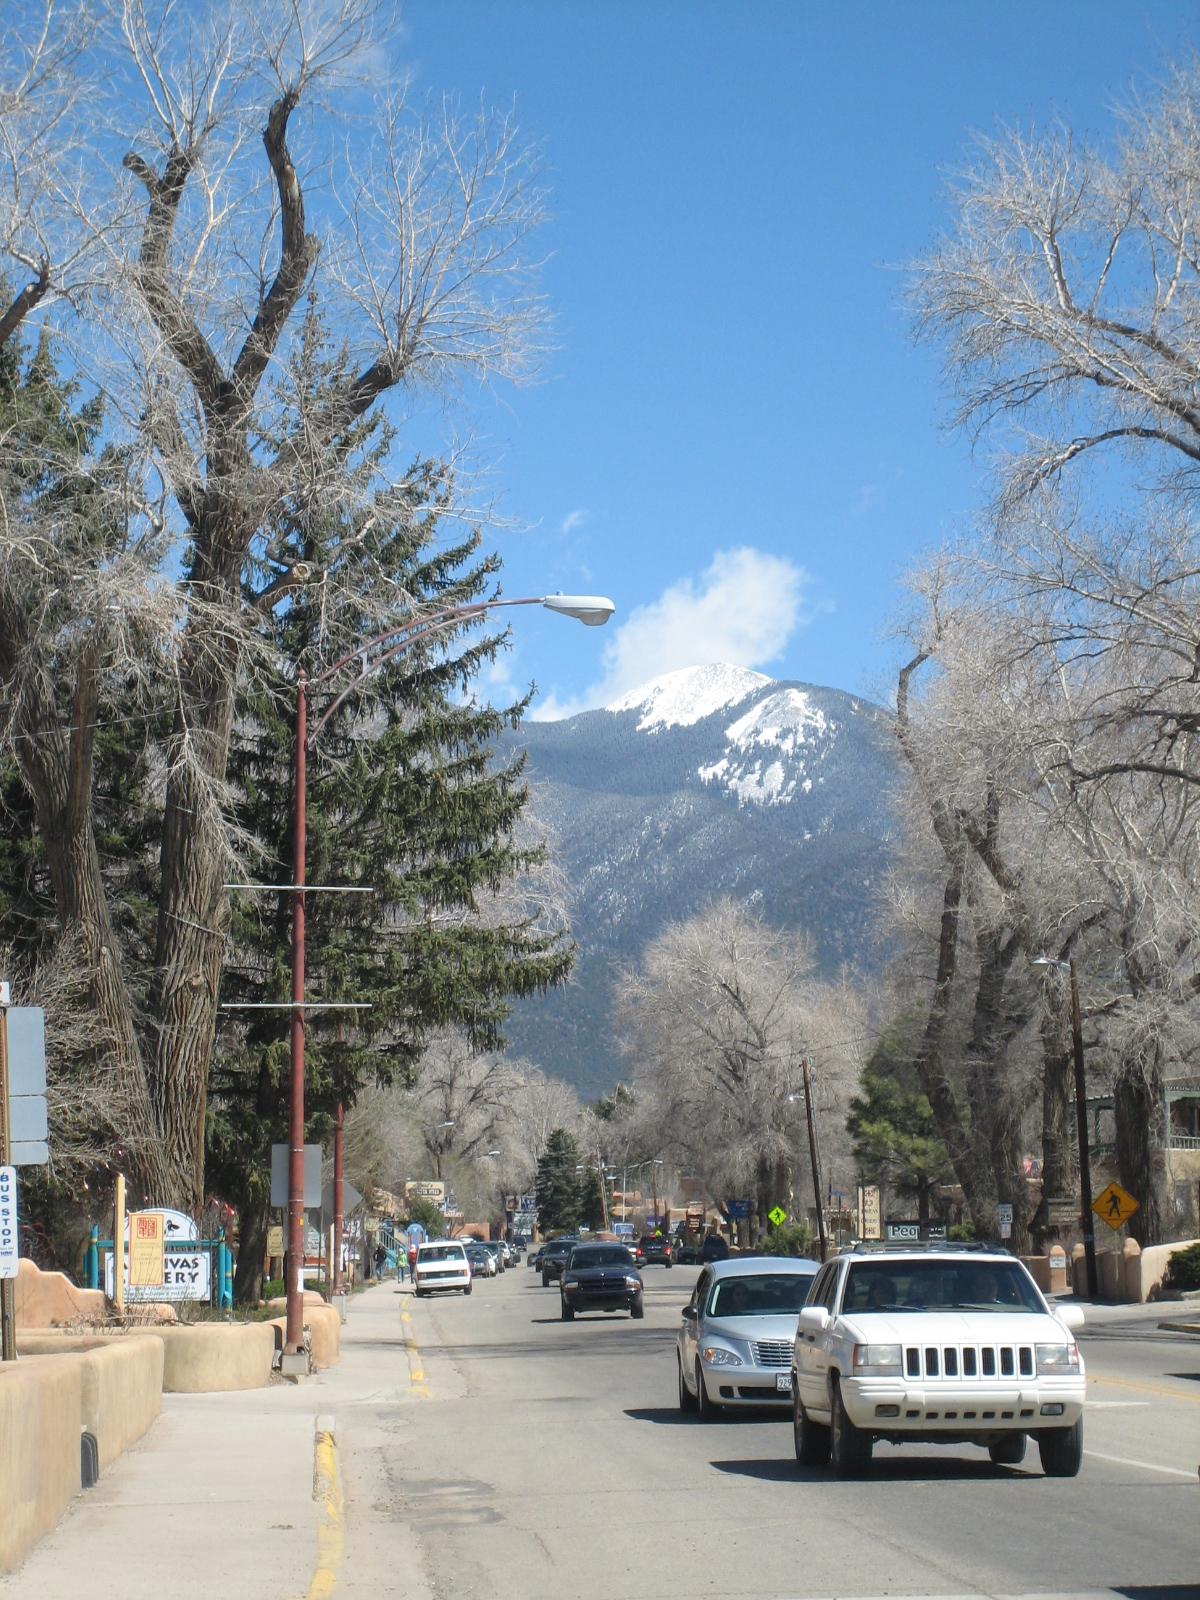 033107 Taos